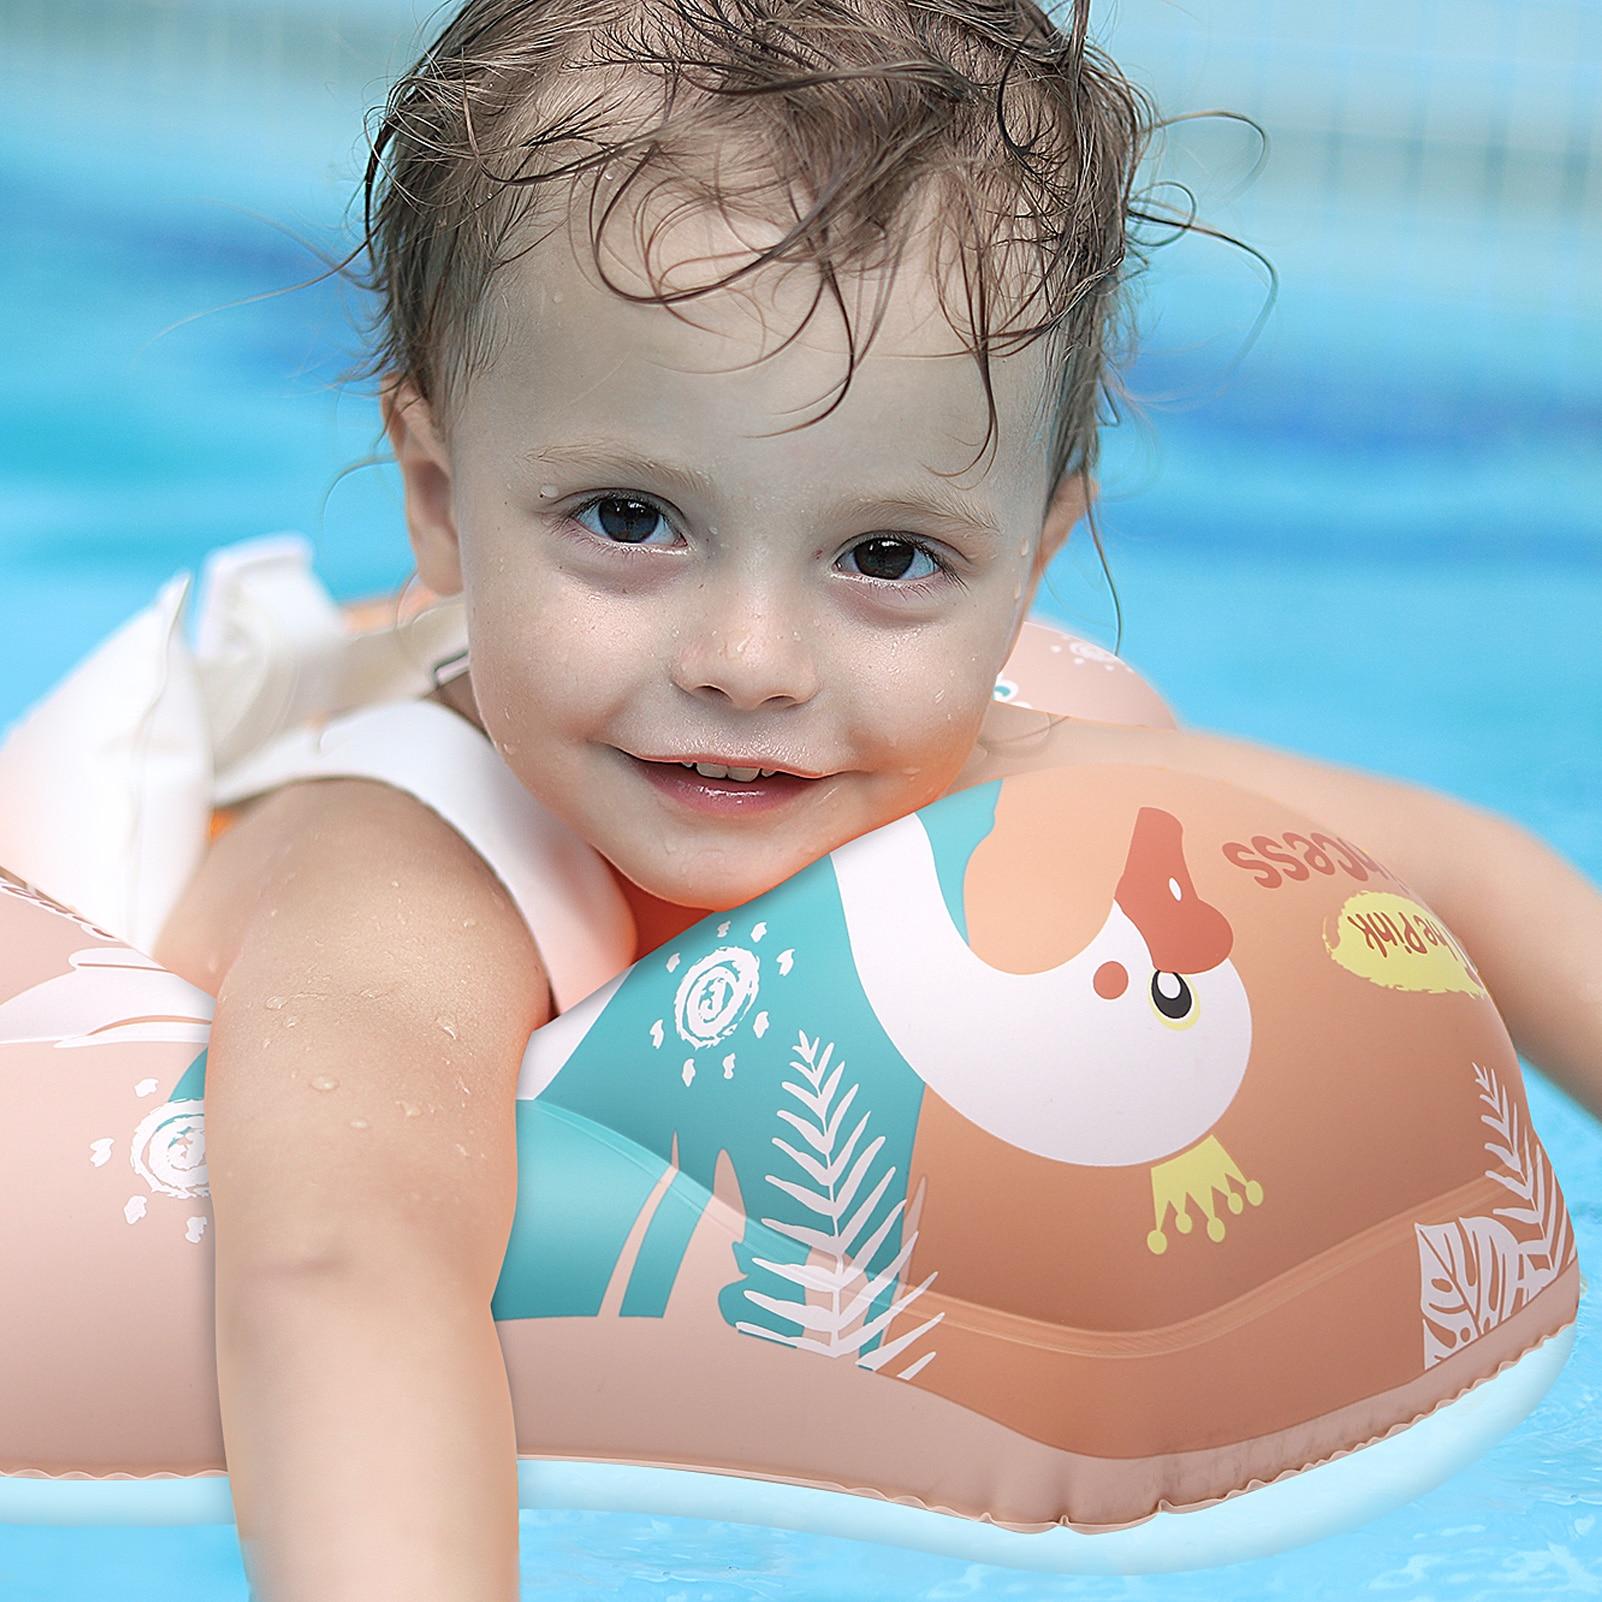 Новые обновления, детский Плавающий поплавок, надувные плавающие Аксессуары для детского бассейна, круглые летние игрушки для купания, кольца для малышей 3